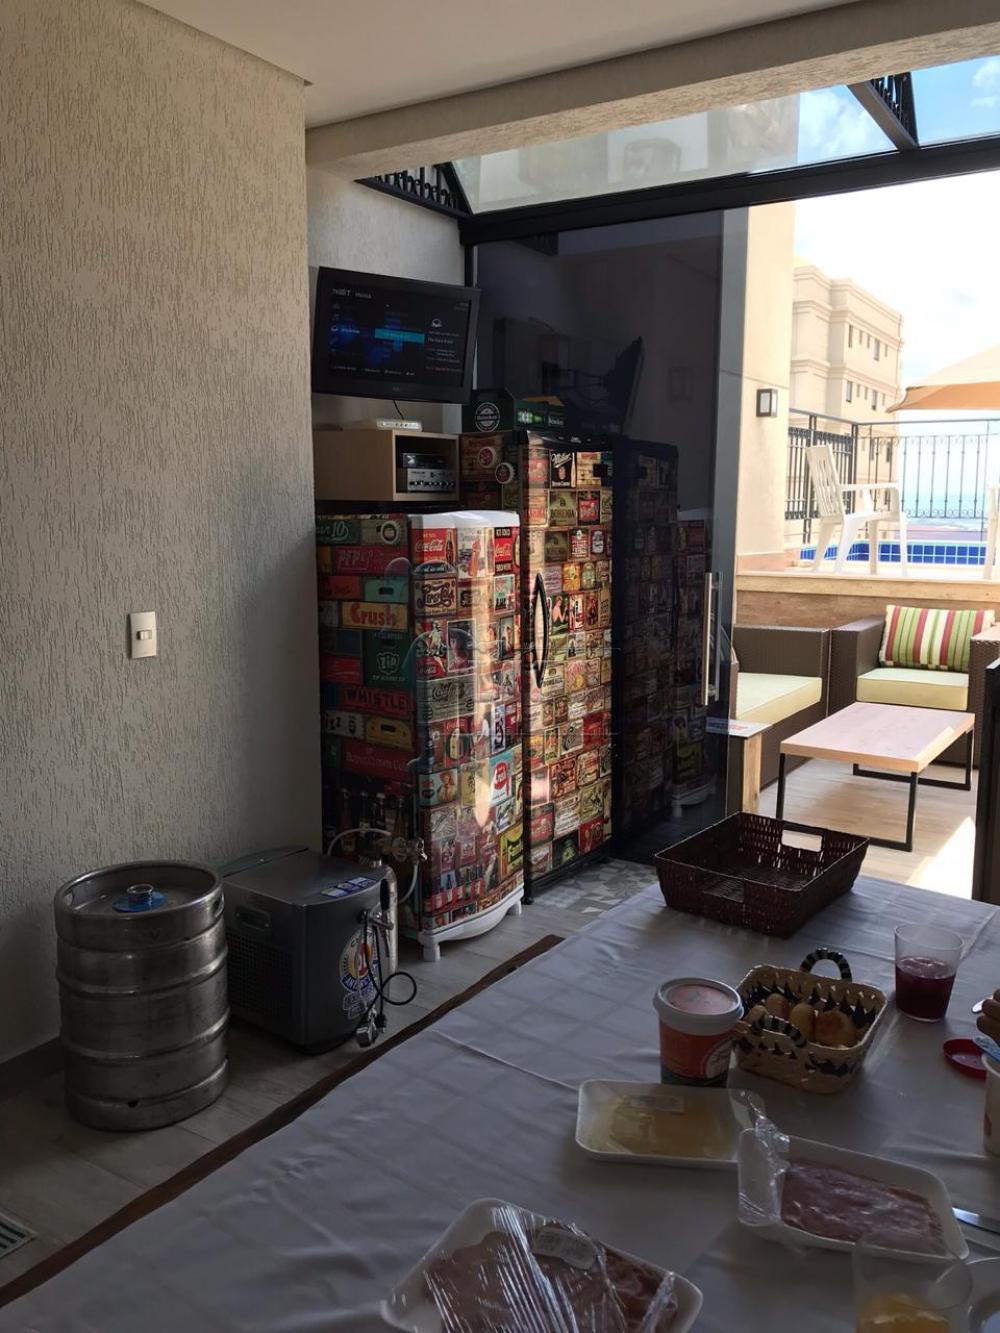 Comprar Apartamento / Cobertura em Ribeirão Preto apenas R$ 2.200.000,00 - Foto 15